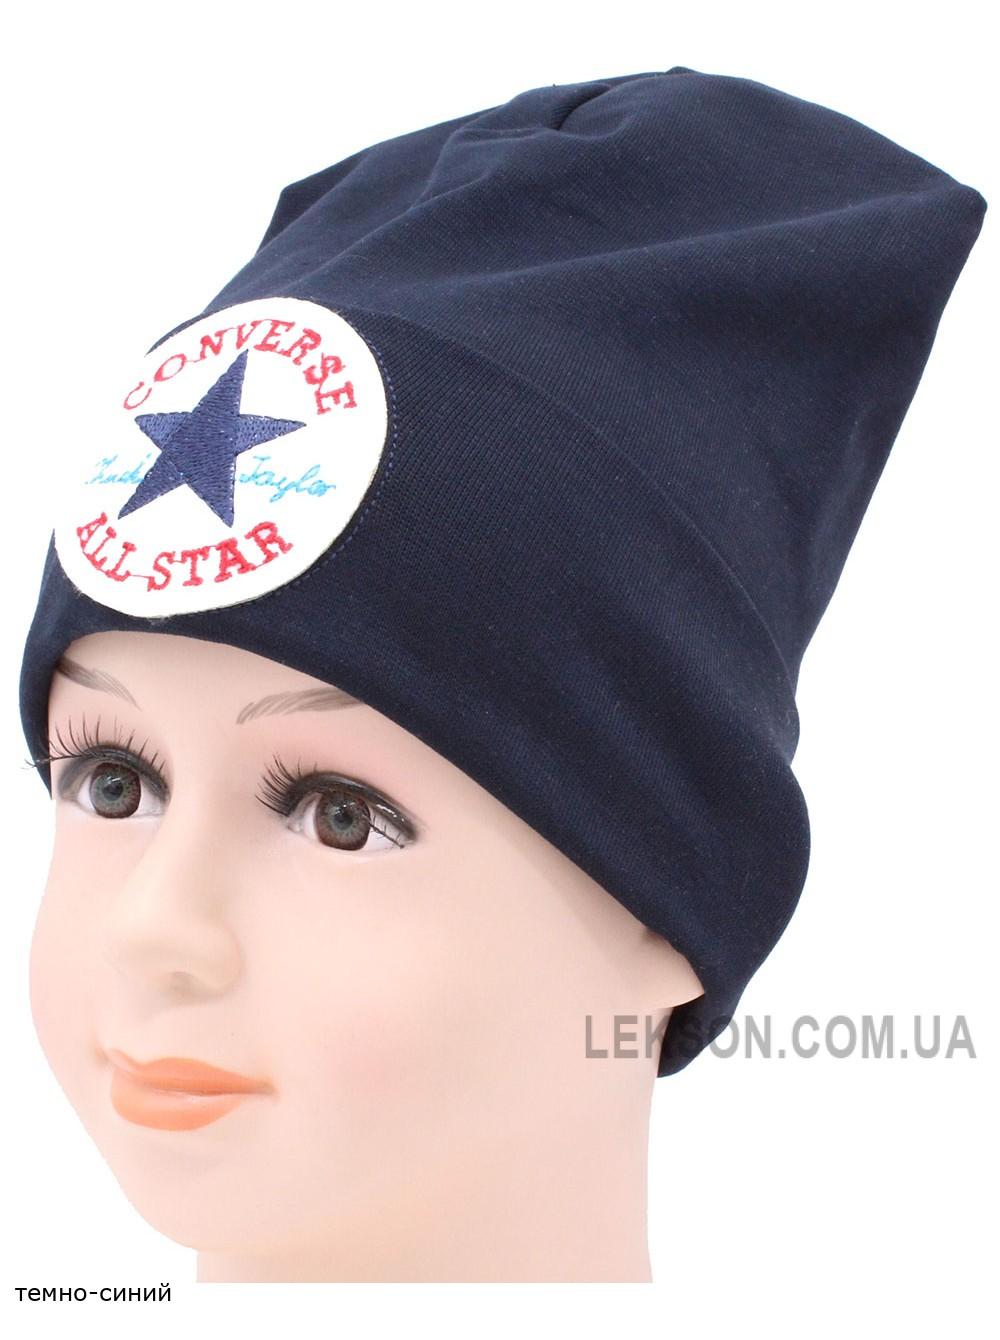 Детская трикотажная шапка Конверс